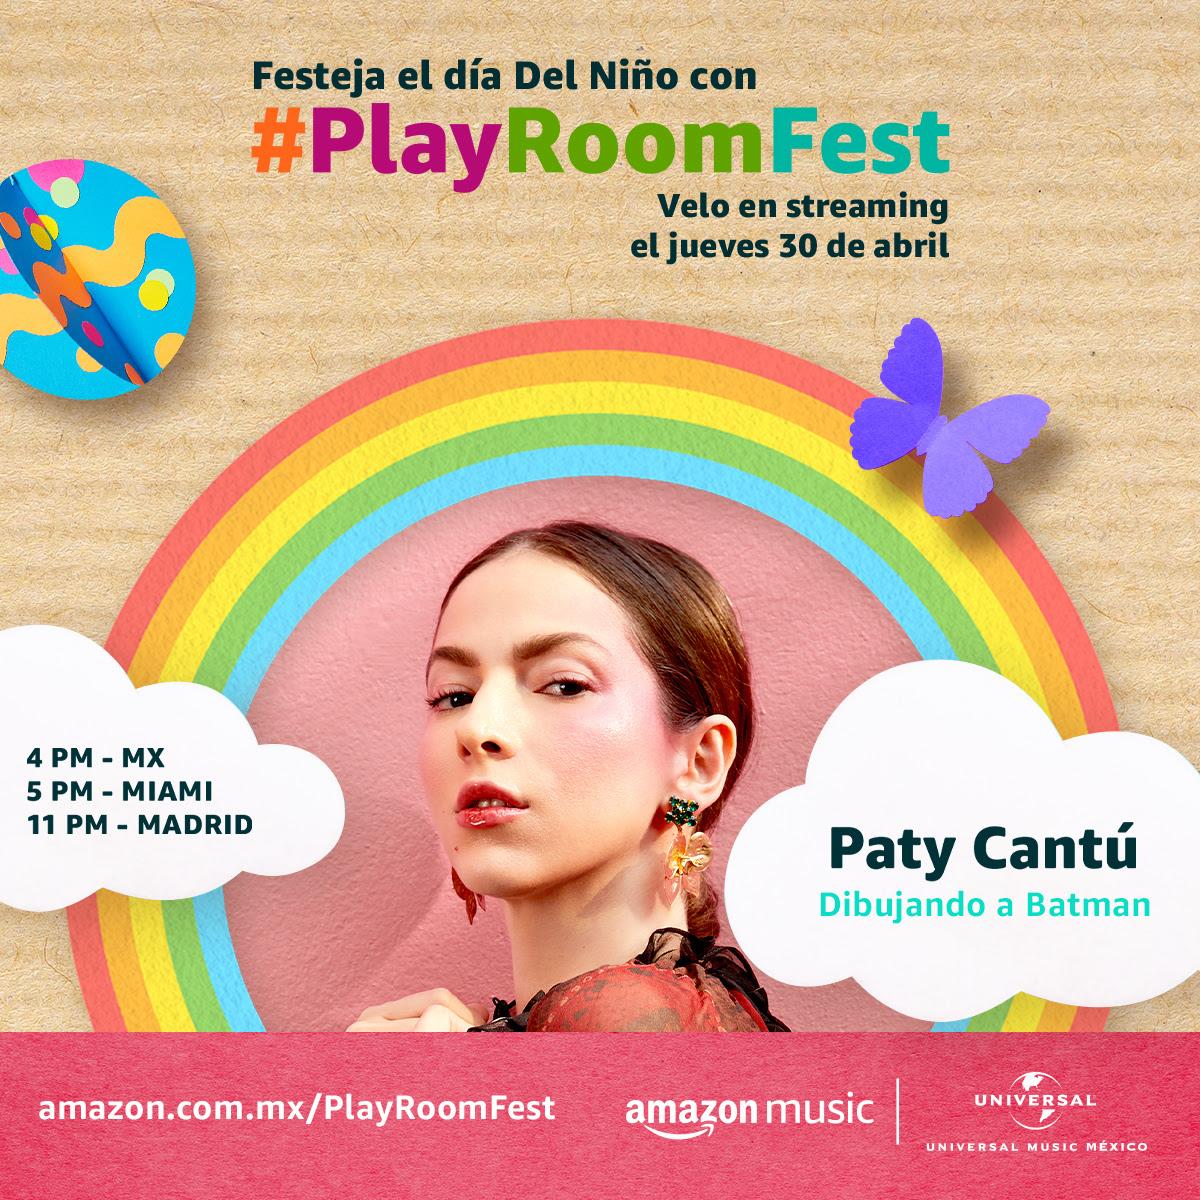 Paty Cantú formará parte del line-u de #PlayRoomFest.